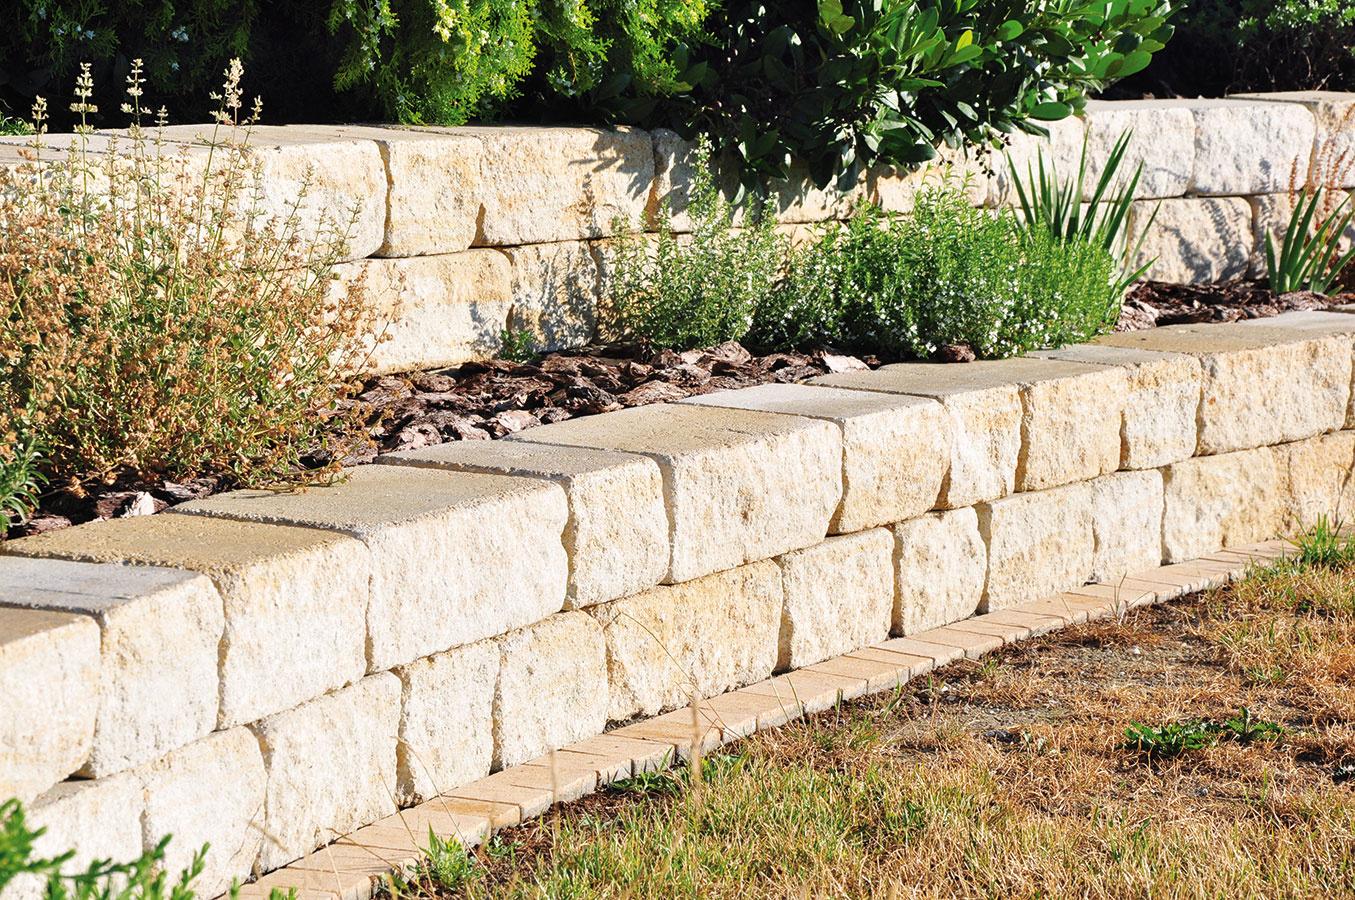 Plotový systém Arcadia stvárnicami nepravidelných tvarov od spoločnosti City Stone Design čerpá inšpiráciu vantike. Systém pozostáva zdeviatich formátov plných betónových blokov od rozmeru 22,5 × 25 × 7,5 do 45 × 25 × 22,5 cm, ktoré sú vponuke vštyroch farebných vyhotoveniach. Jednotlivé bloky možno spájať lepidlom alebo maltovou zmesou.